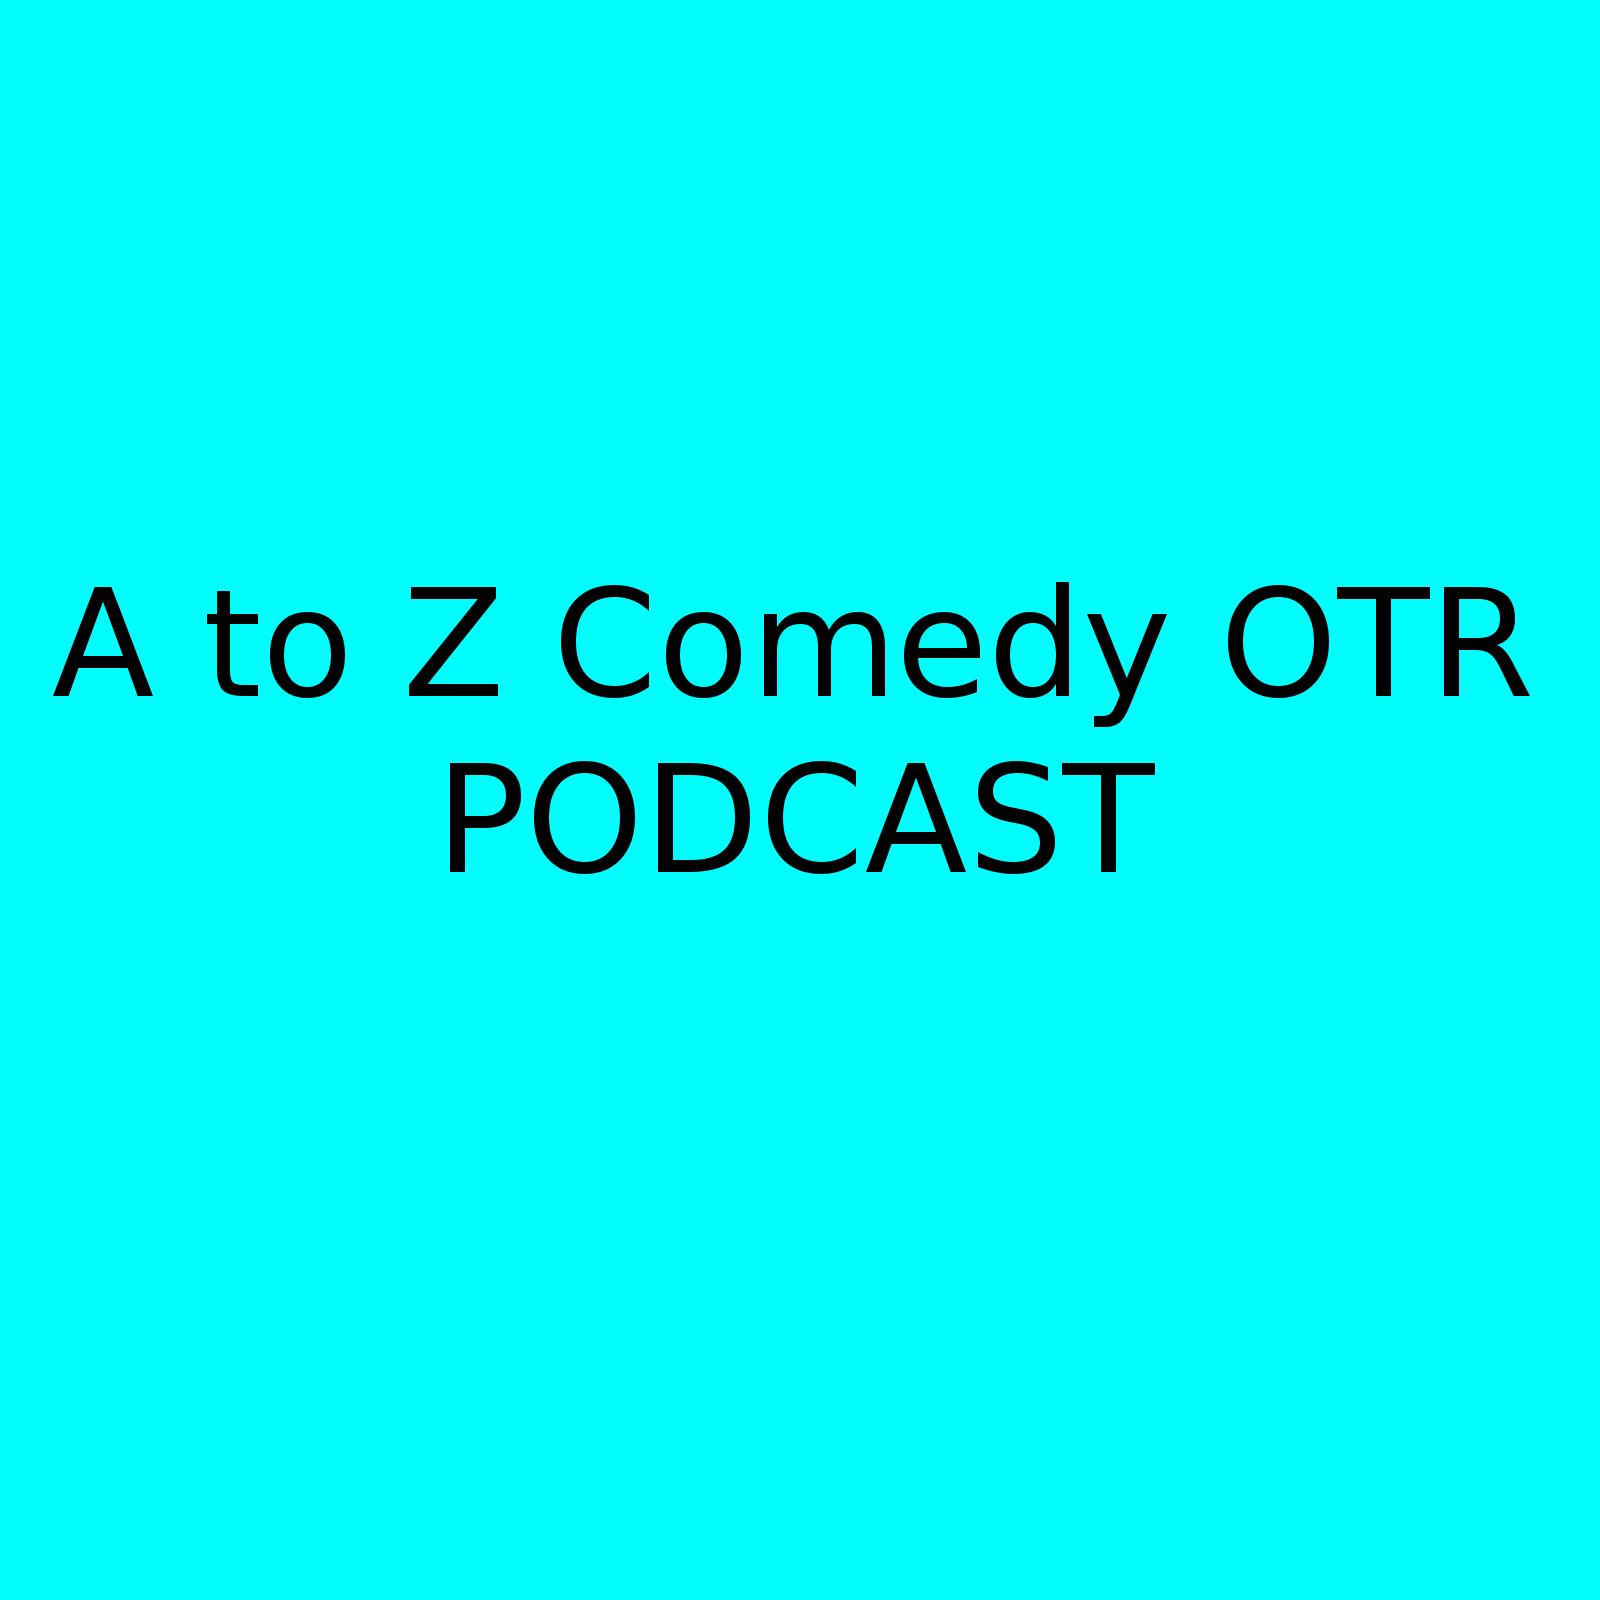 Artwork for A to Z Comedy OTR Podcast Show #3